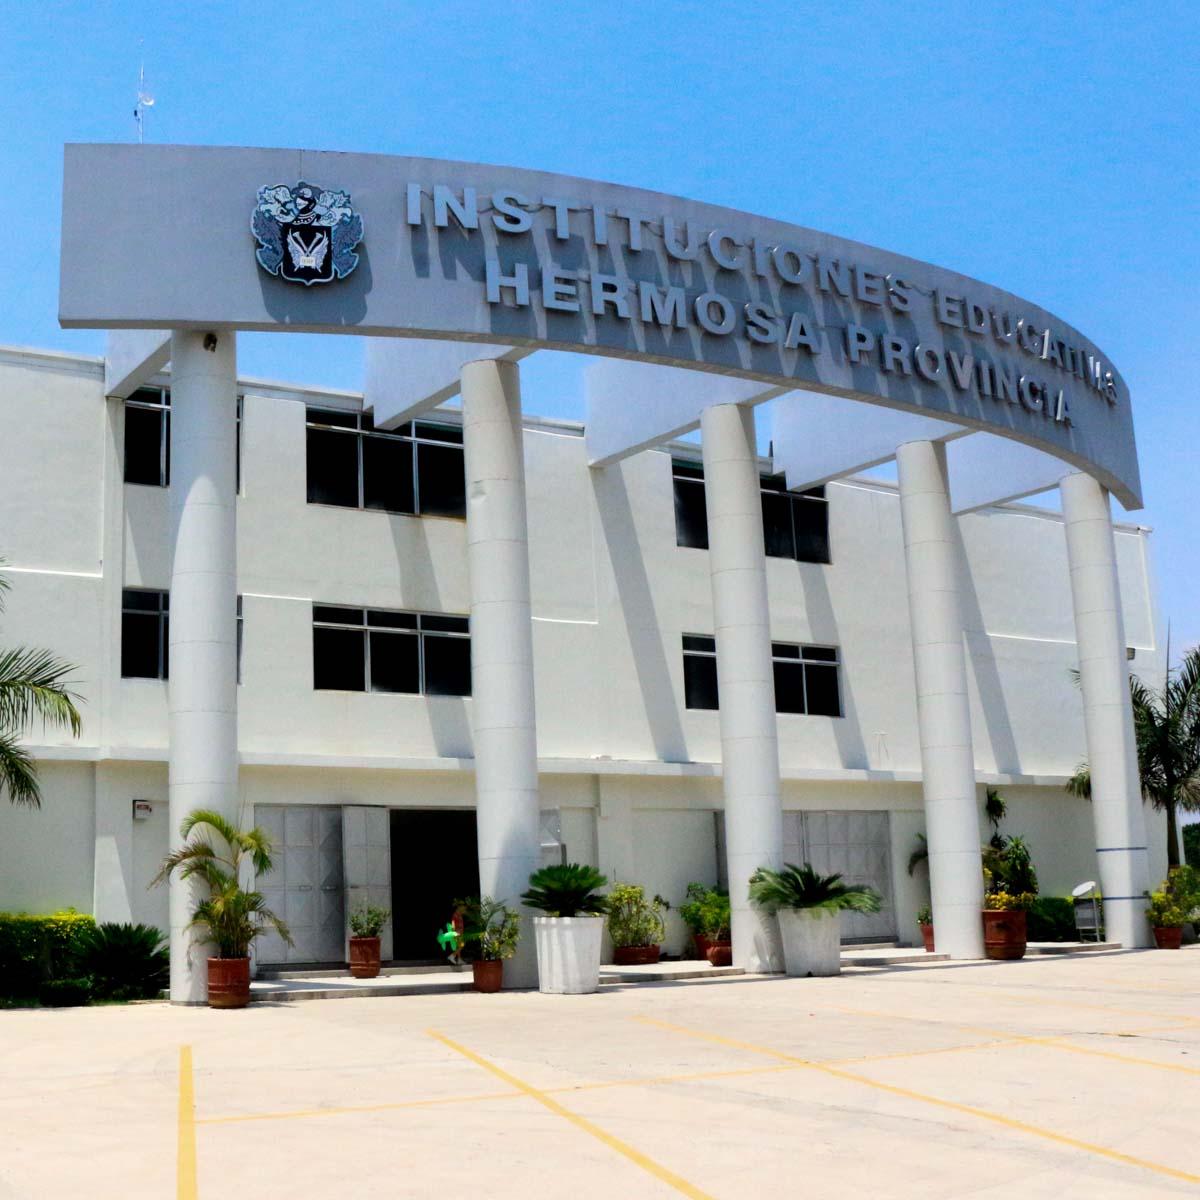 IEHP instituciones educativas hermosa provincia guadalajara